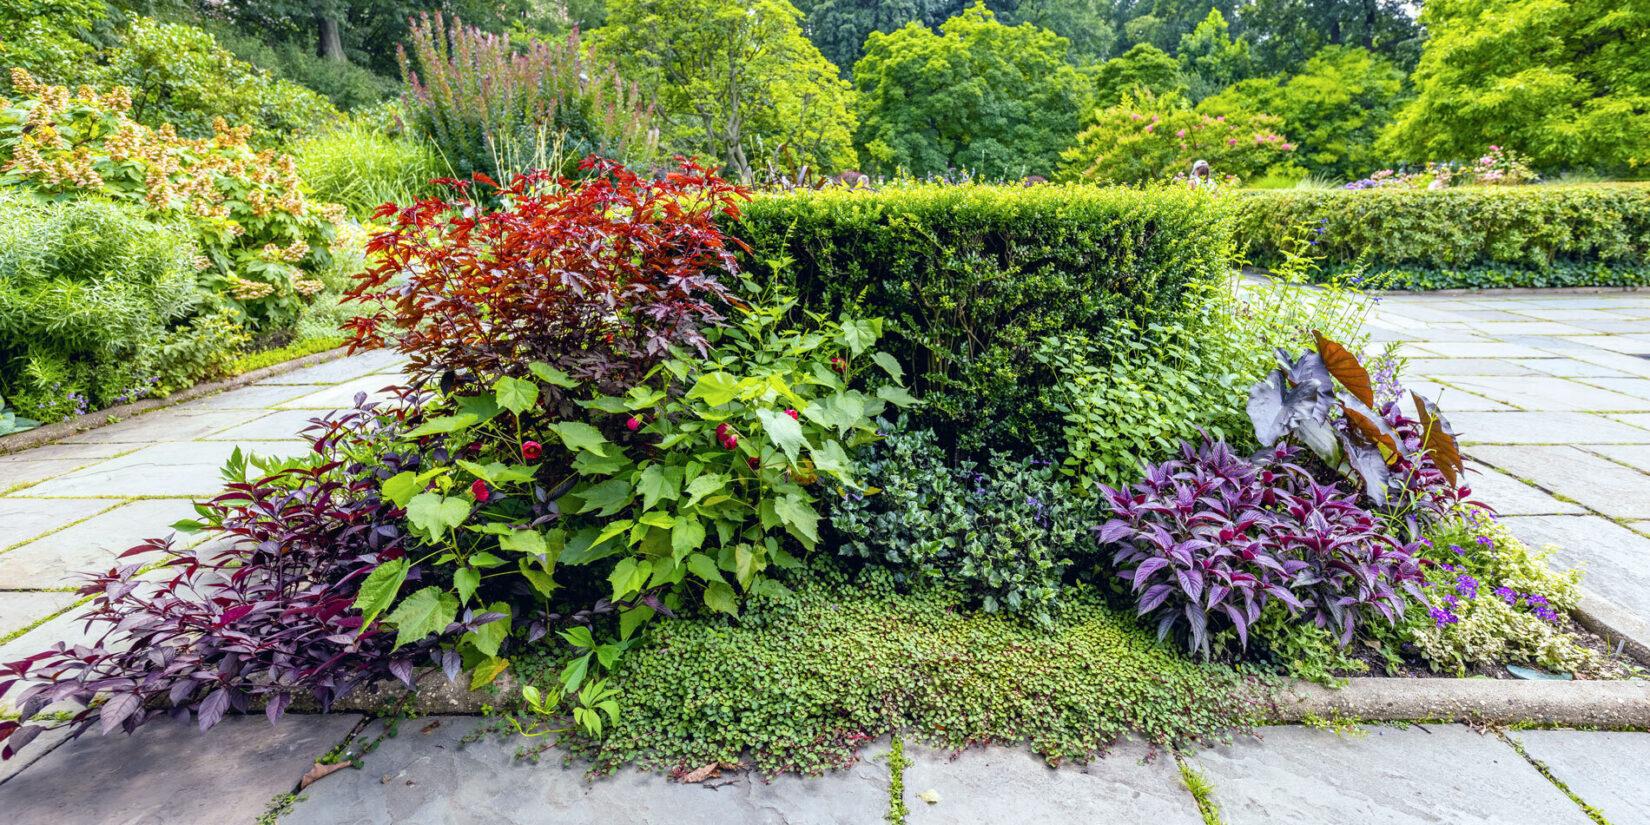 Conservatory Garden 20210728 10